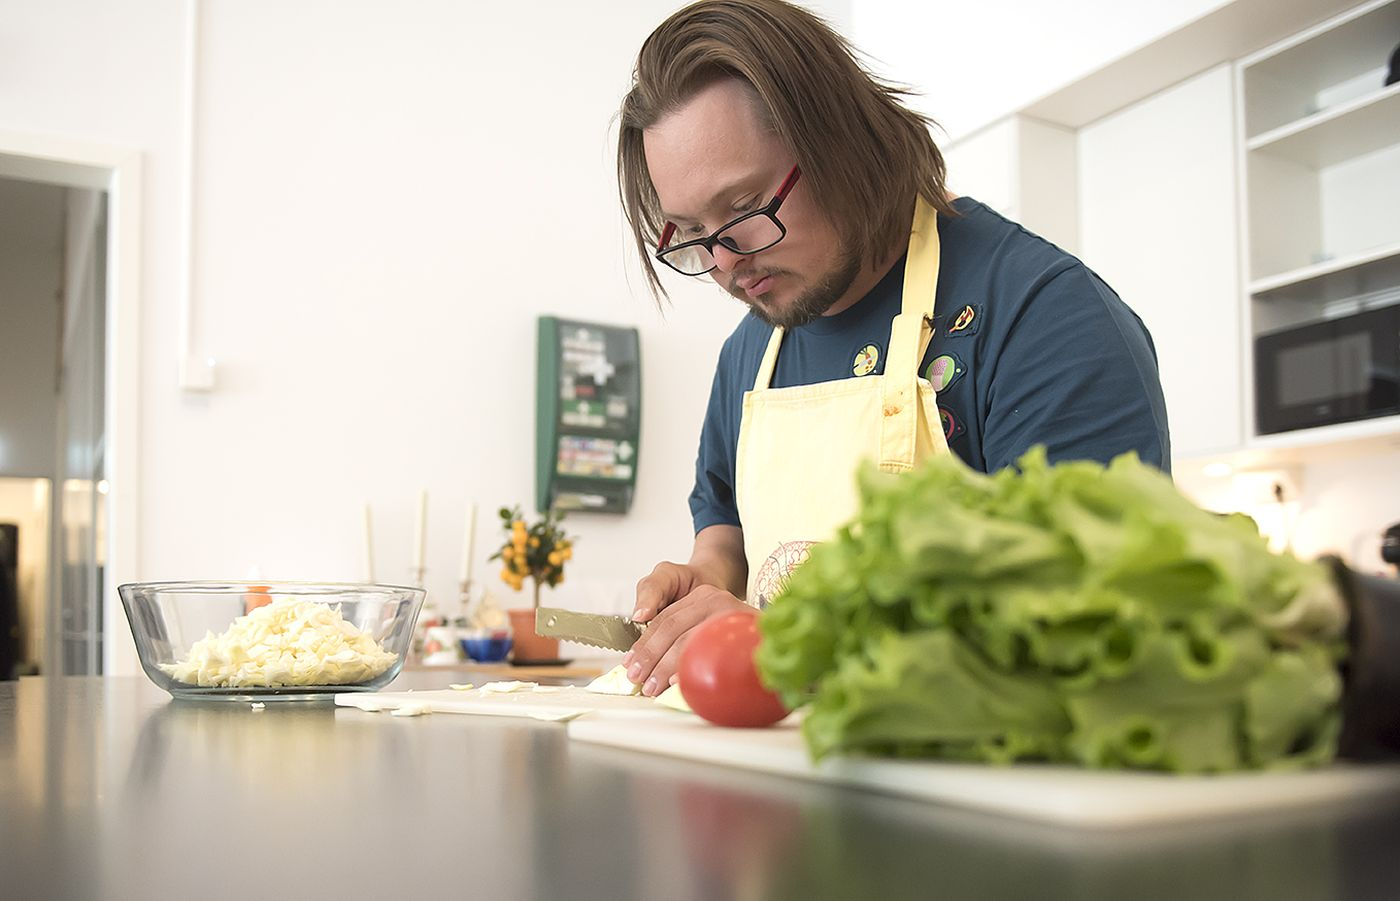 En man med ett förkläde skär grönsaker.